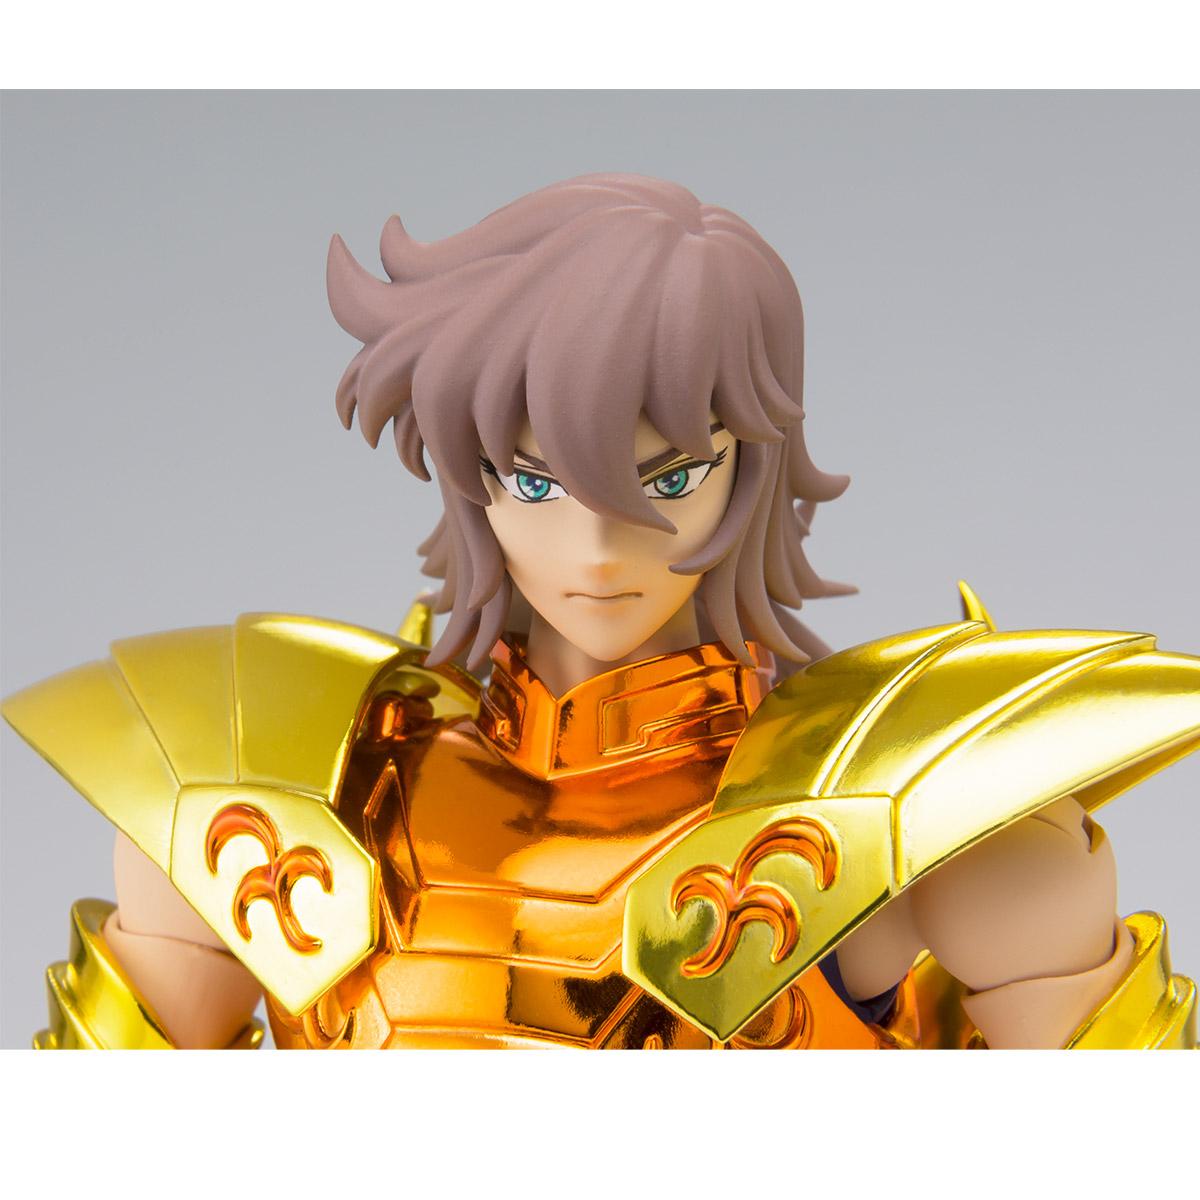 Saint Seiya Saint Cloth Myth EX Seahorse baien Figure Anime goods 180 mm